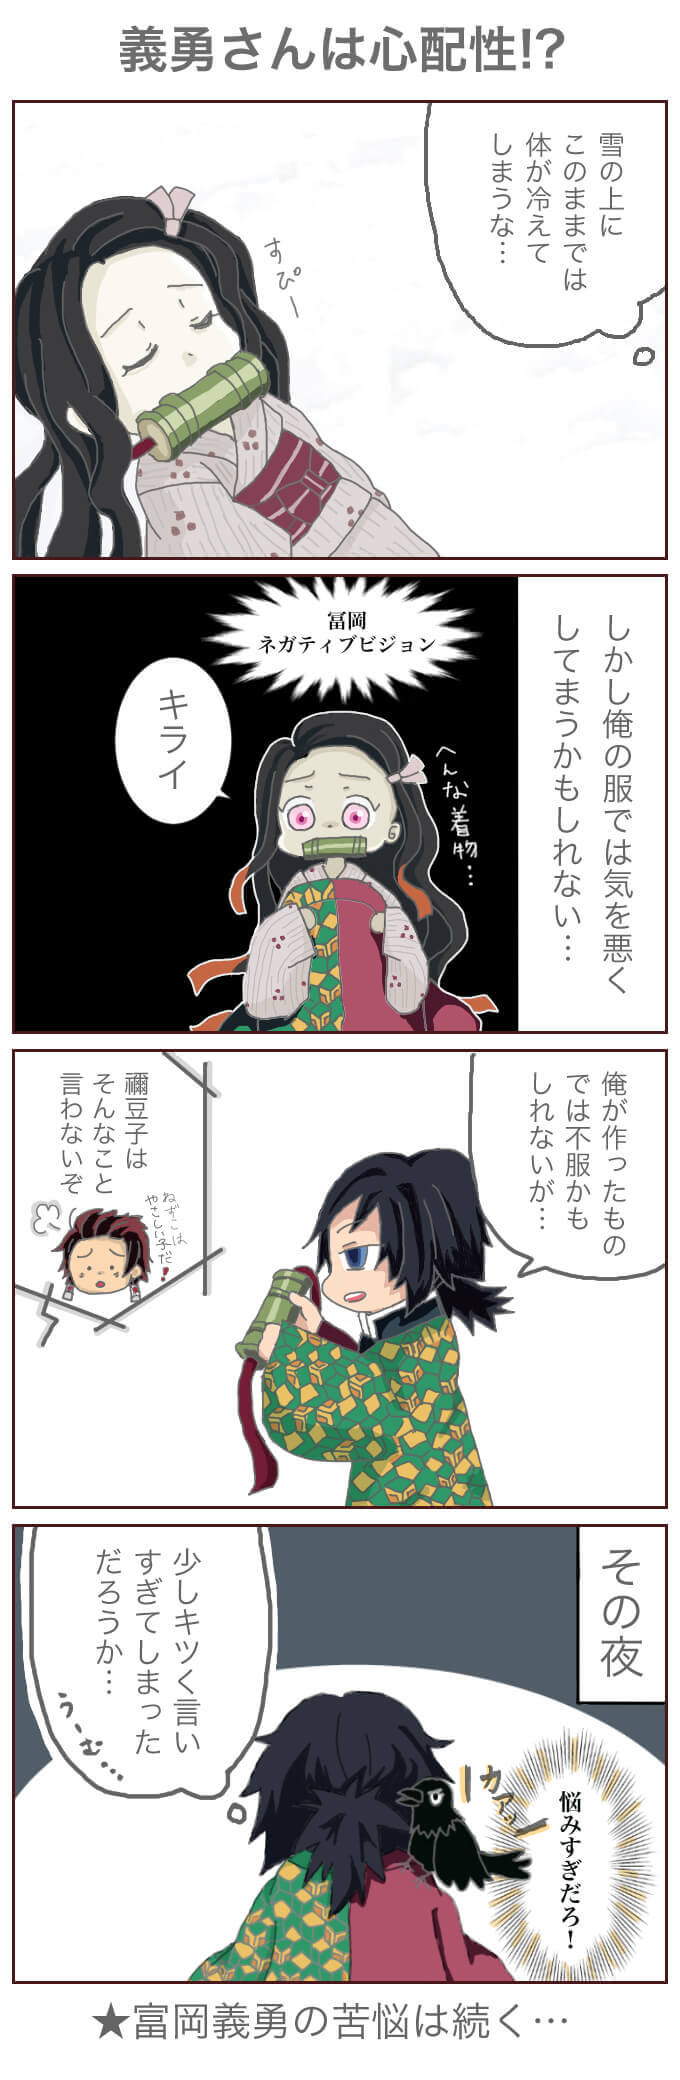 アニメ鬼滅の刃【1話】「義勇さんは心配性!?」きめつ四コマ劇場